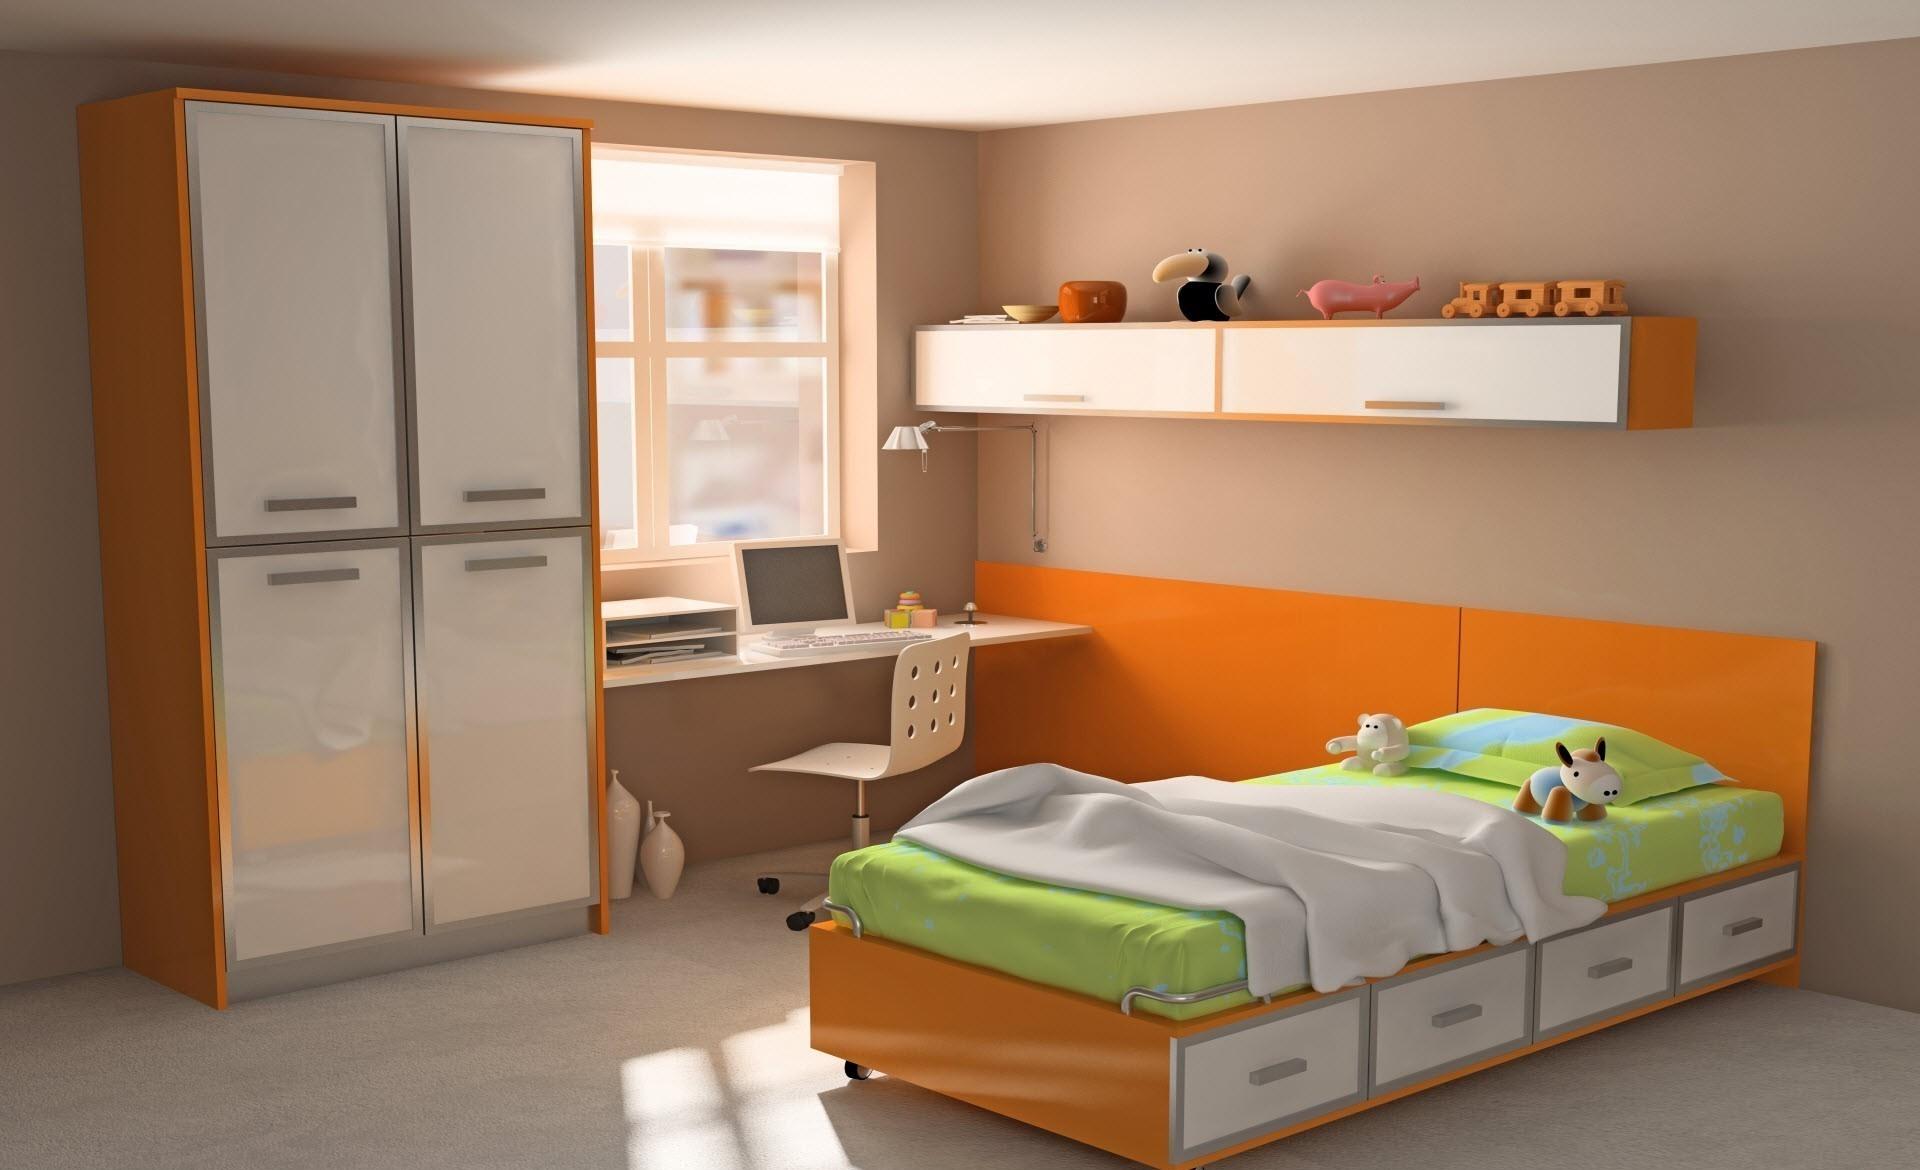 Design Toys Interiors Apartment Room Computer Colorful Bed Orange 1920x1170